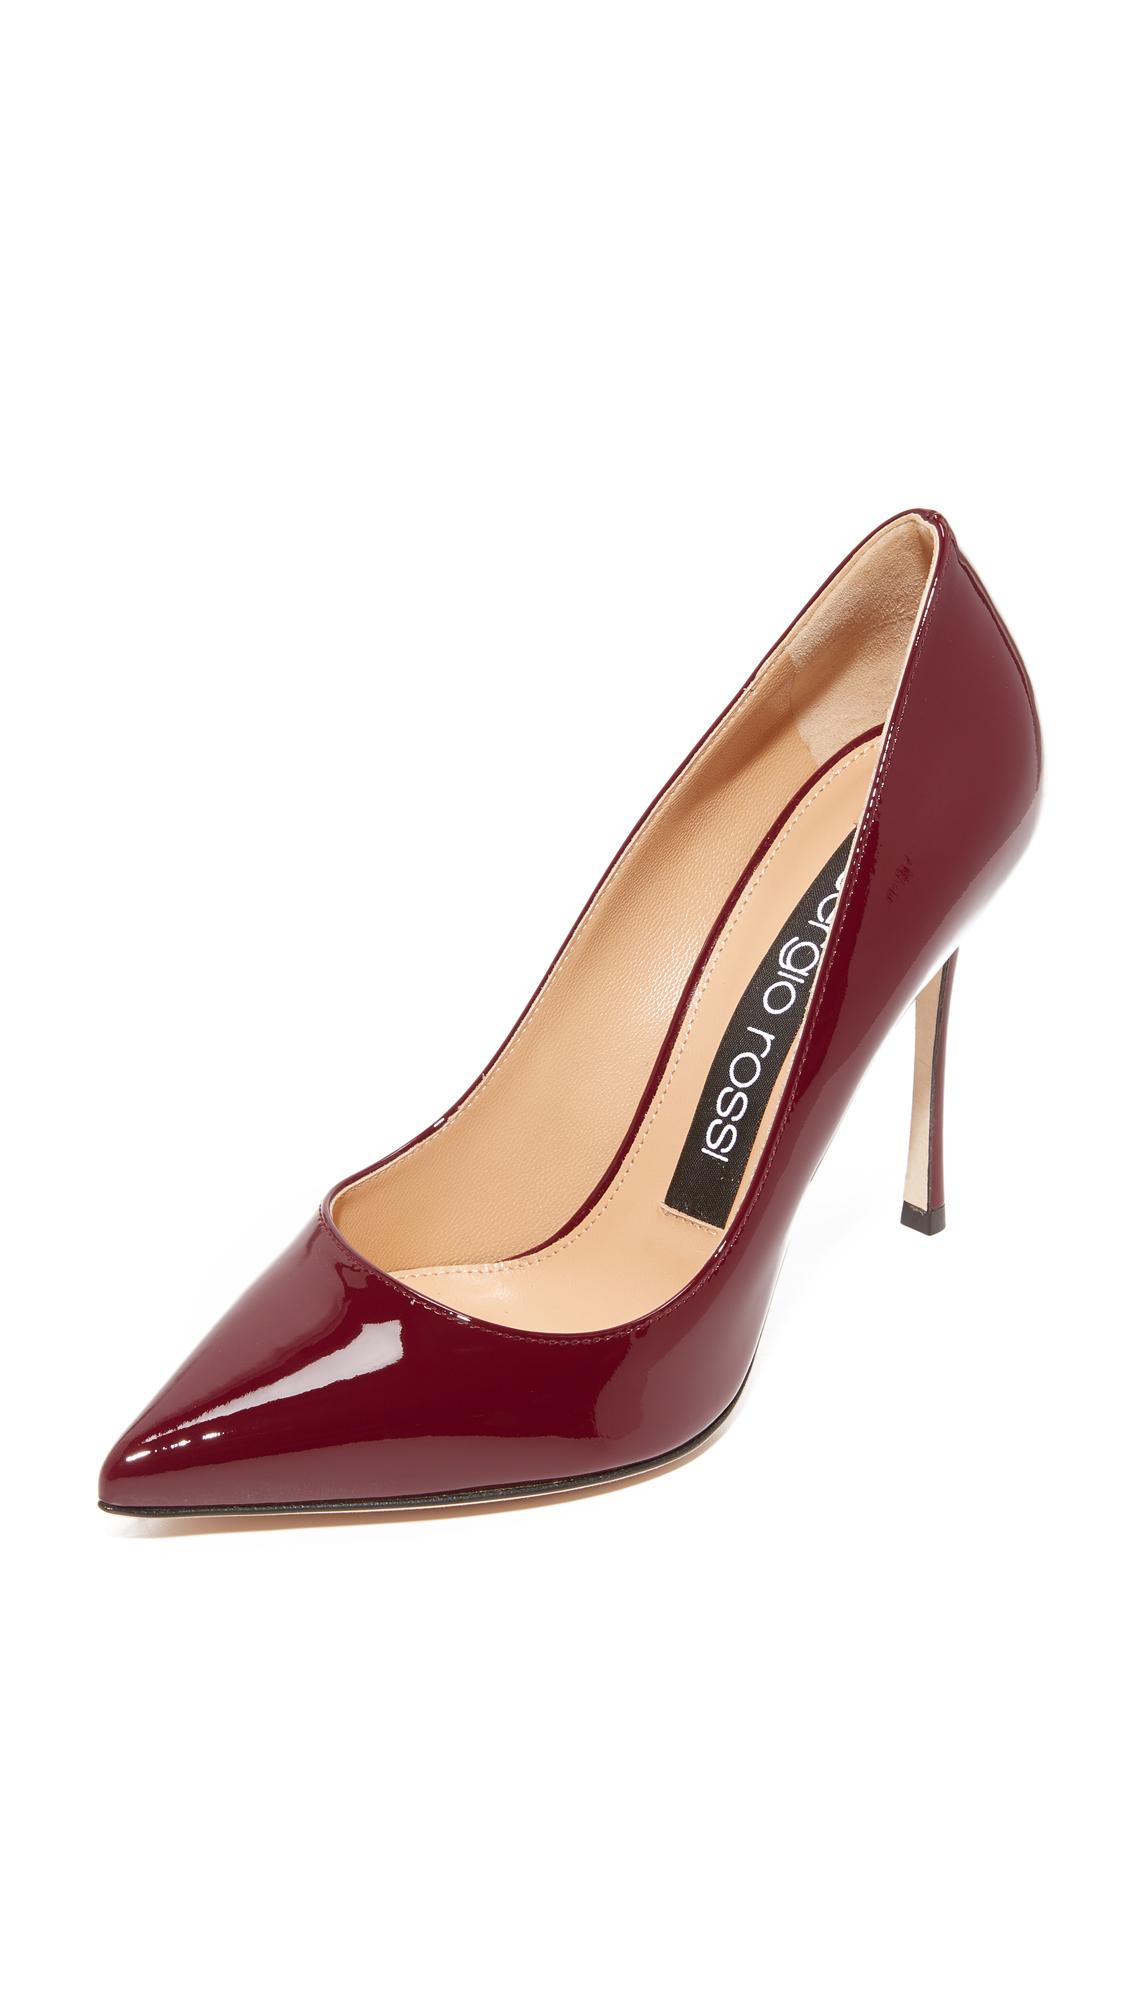 Sergio Rossi Godiva Heels - Dark Cherry